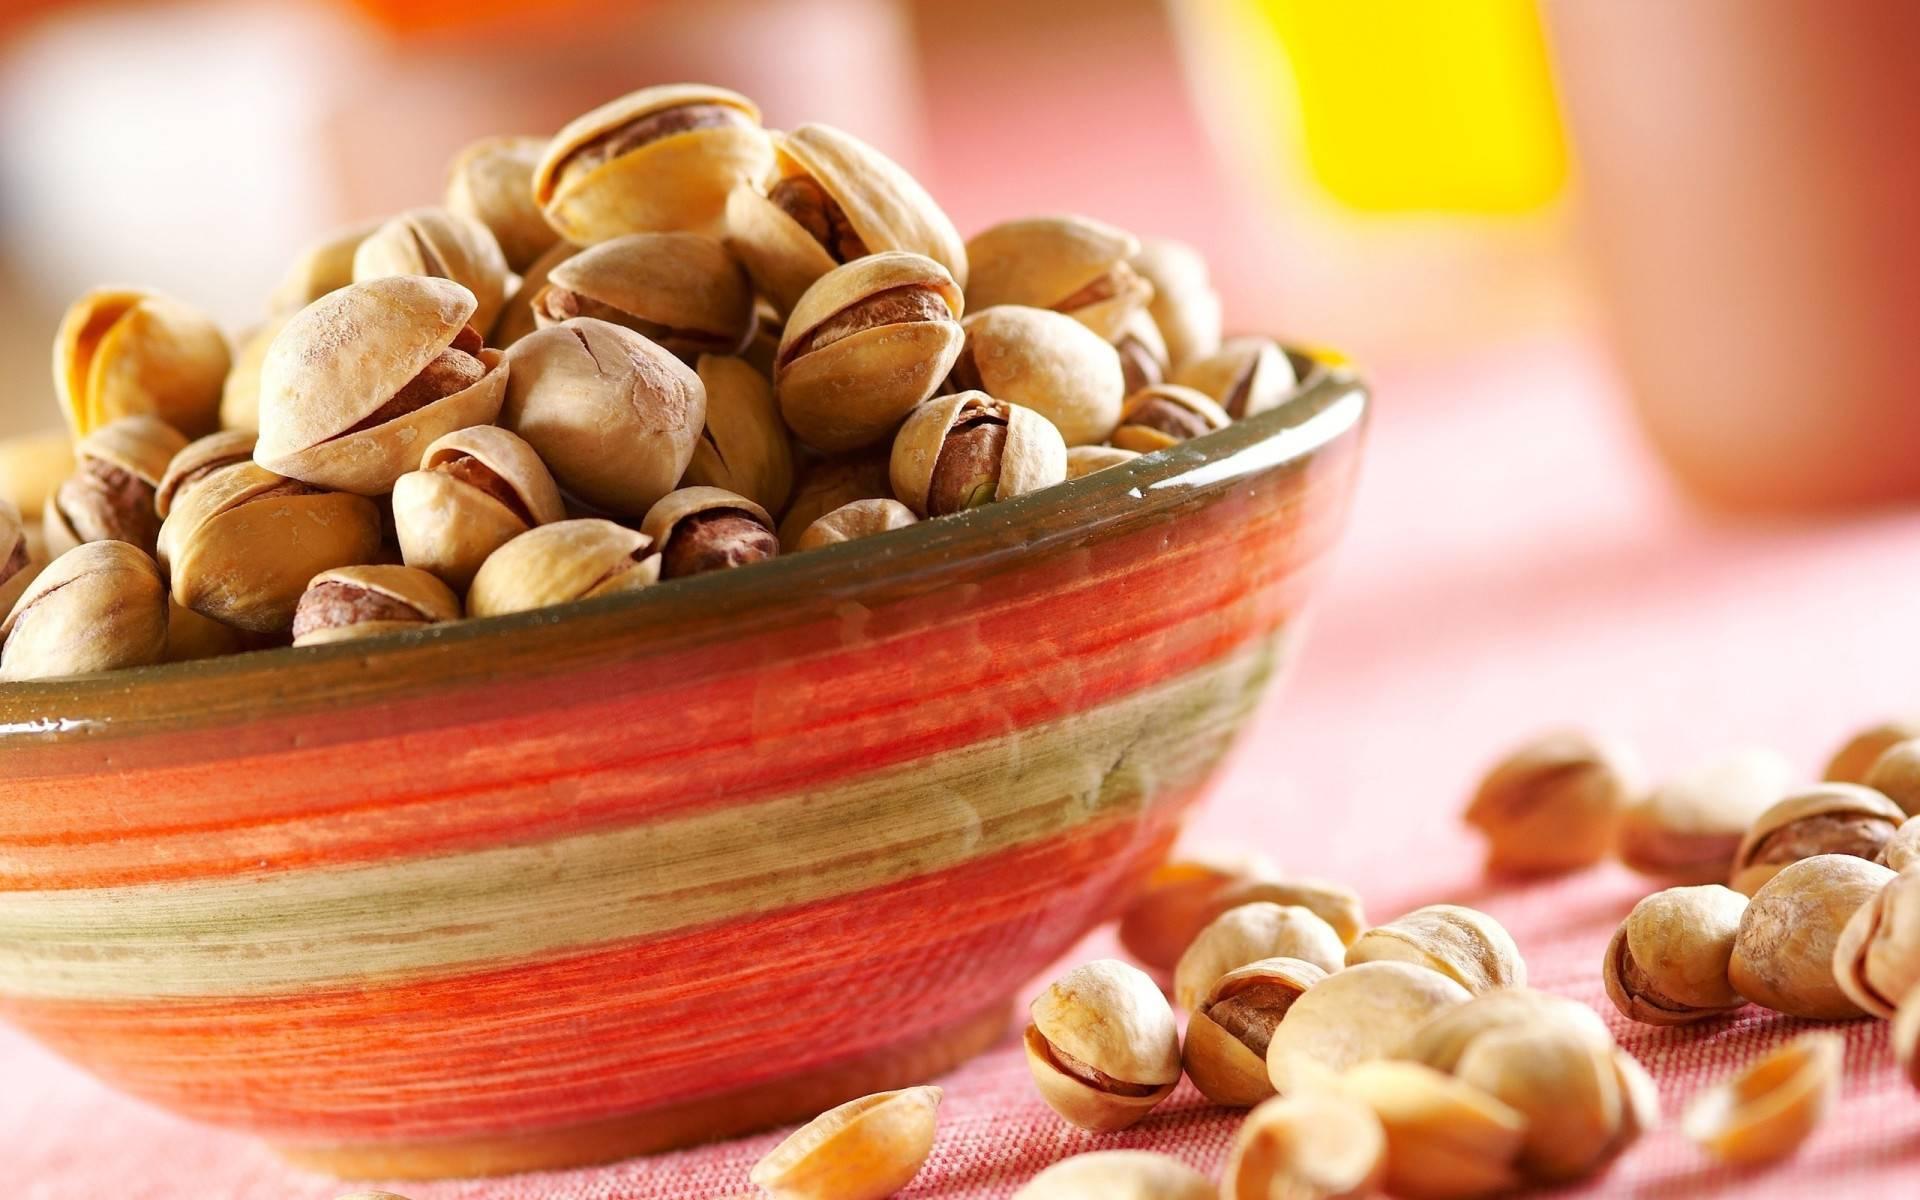 Макадамия при грудном вскармливании: можно ли мамам, кормящим грудью, использовать орех в косметологии и применять в кулинарии, а также польза и вред